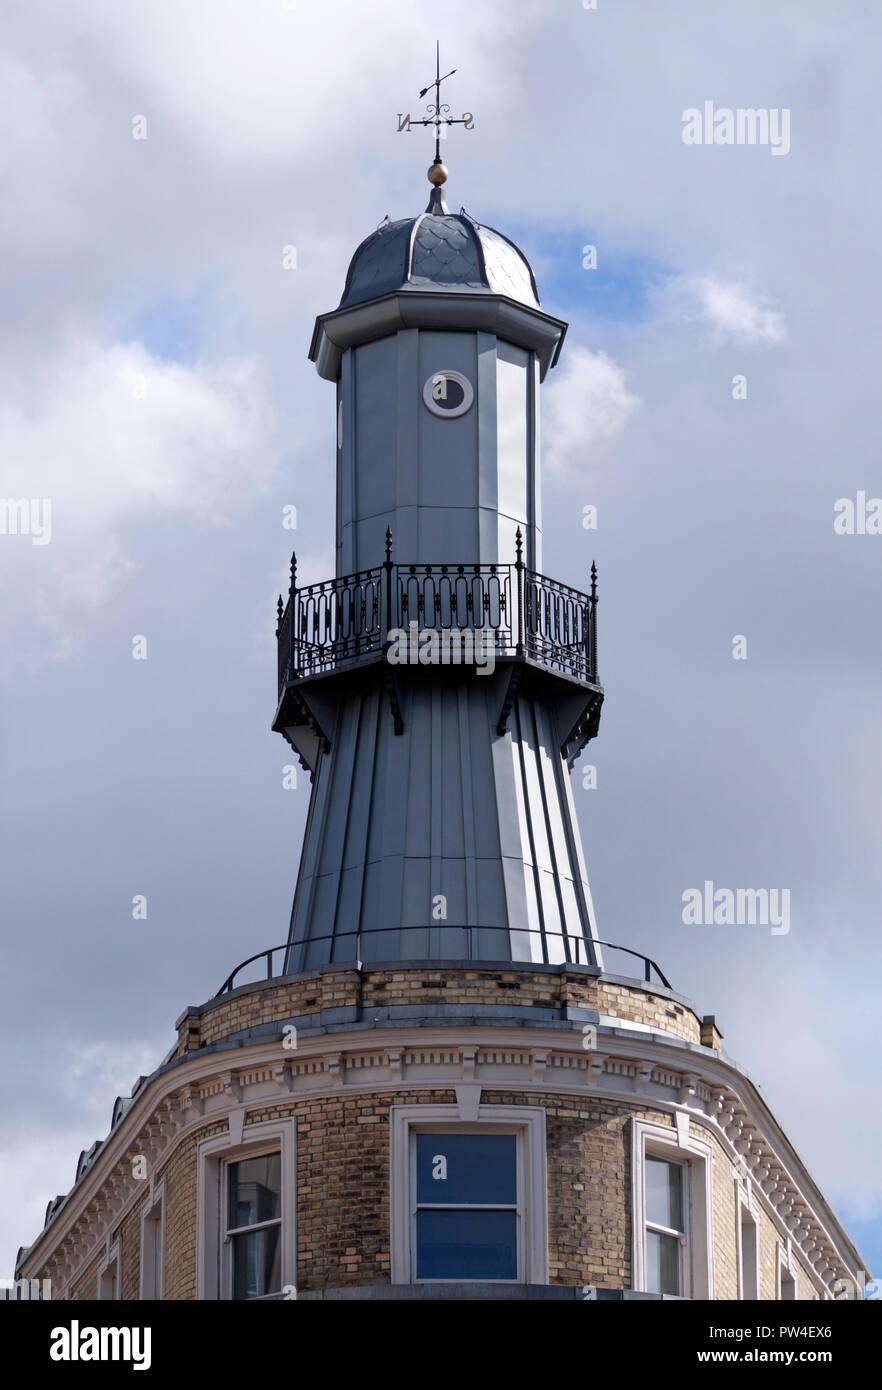 Le phare de Kings Cross, London Photo Stock